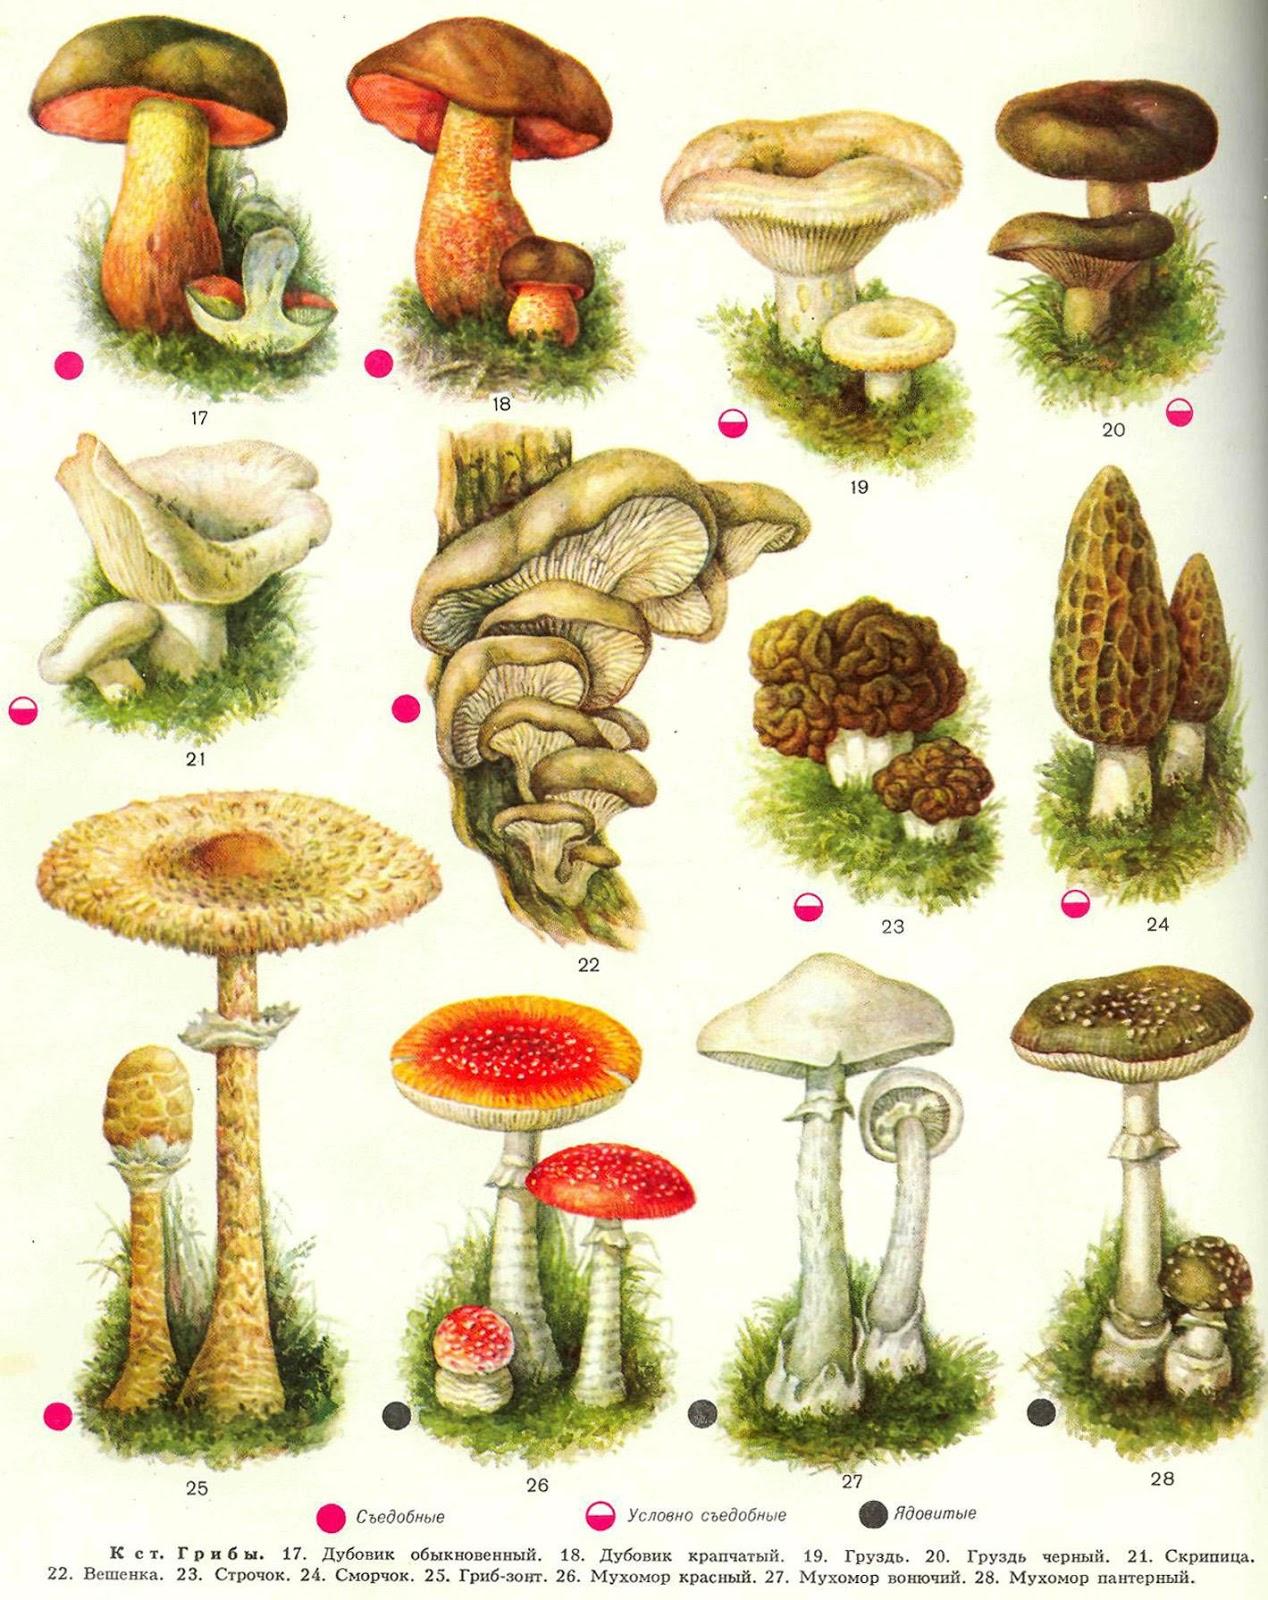 Картинки грибов для детей нарисованные цветные - aed9